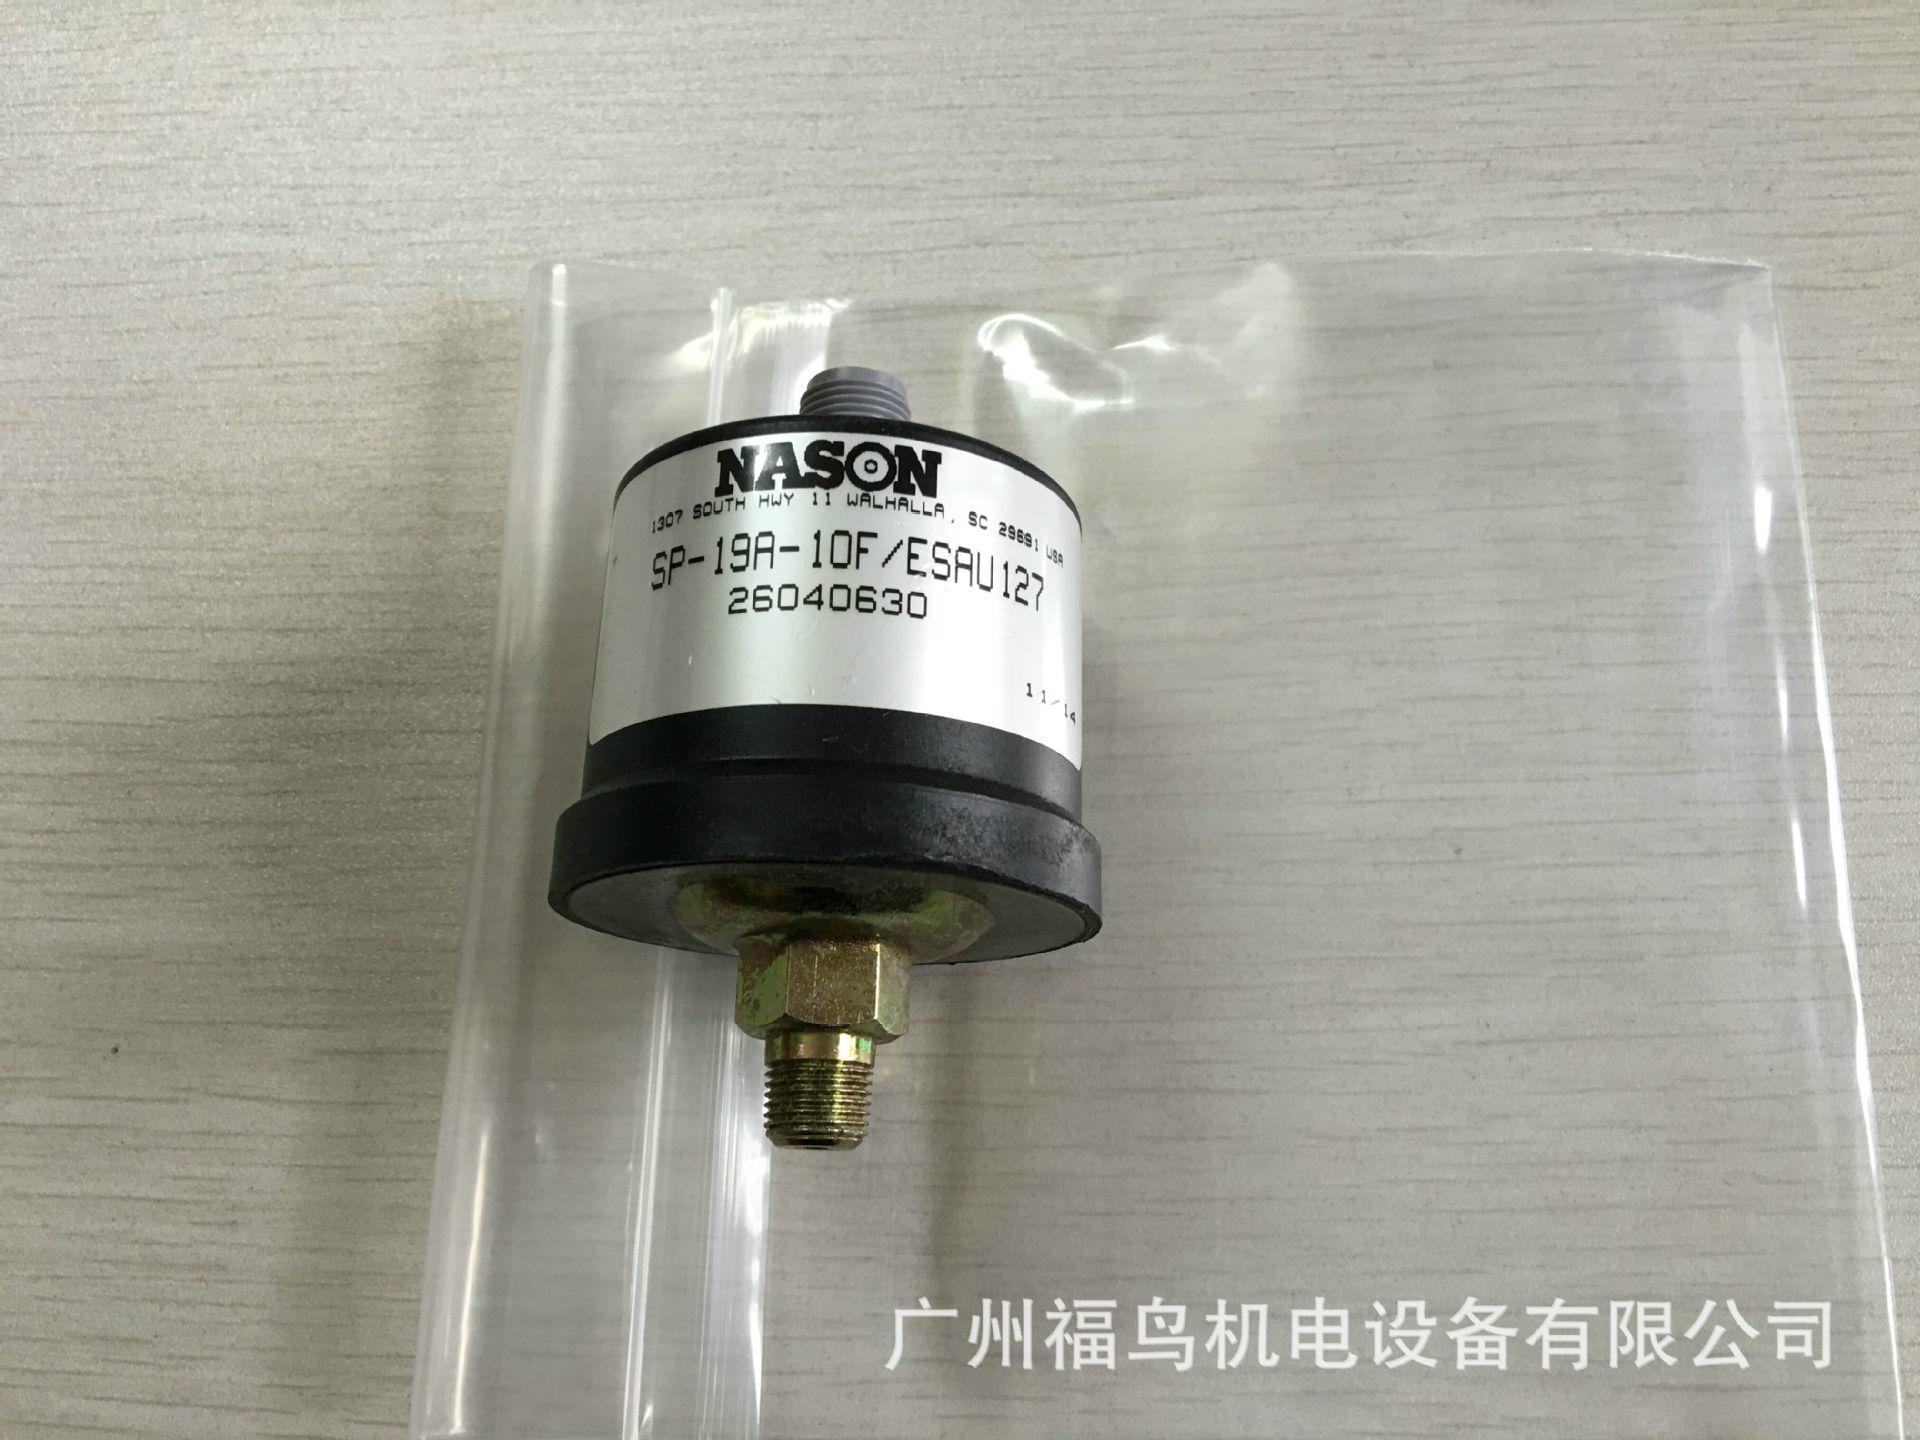 現貨供應NASON壓力開關(SP-19A-10F/ESAU127) 9